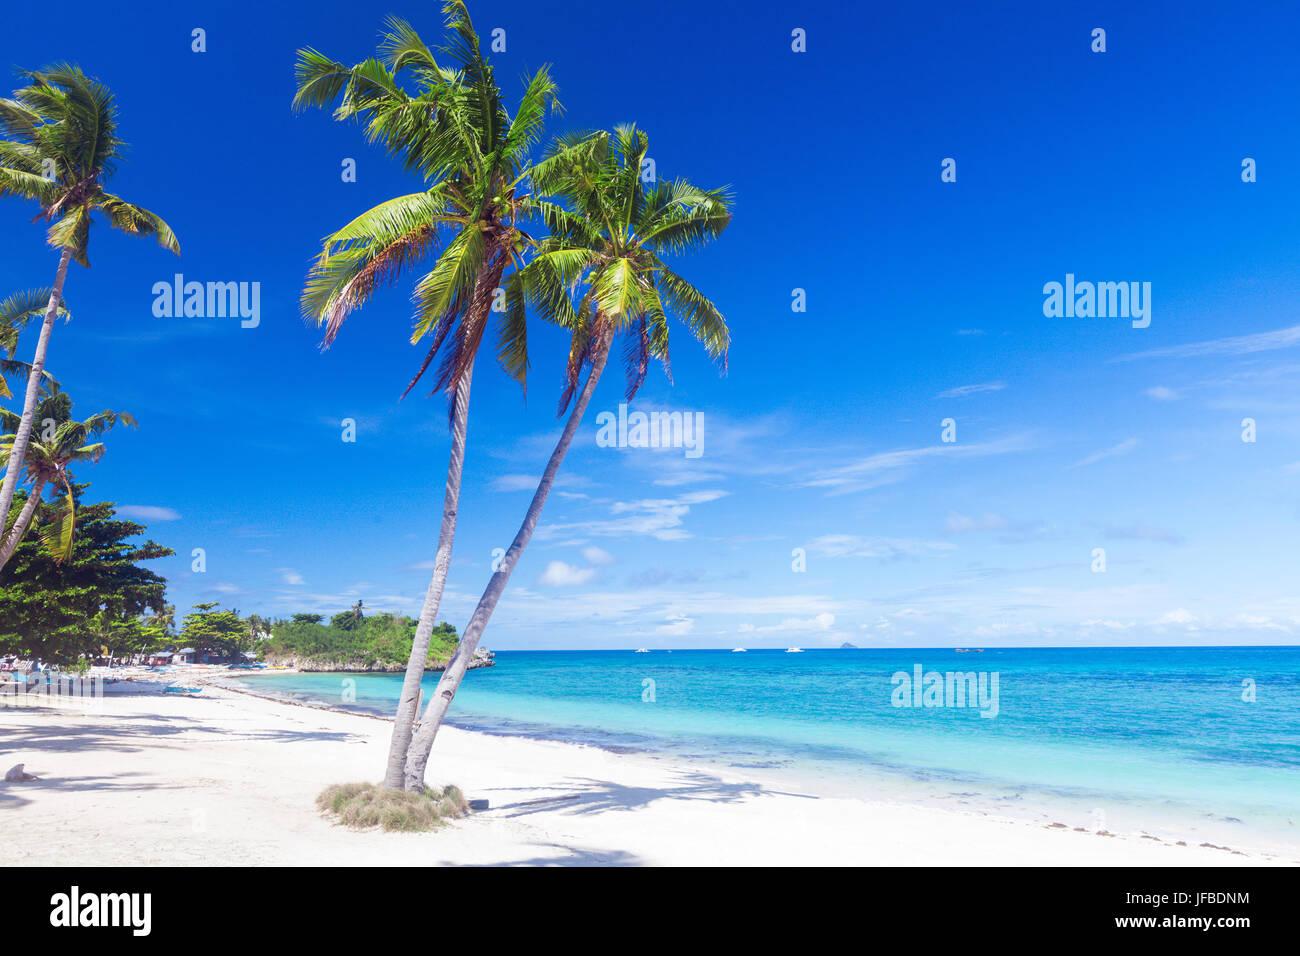 Plage tropicale avec cocotier Photo Stock